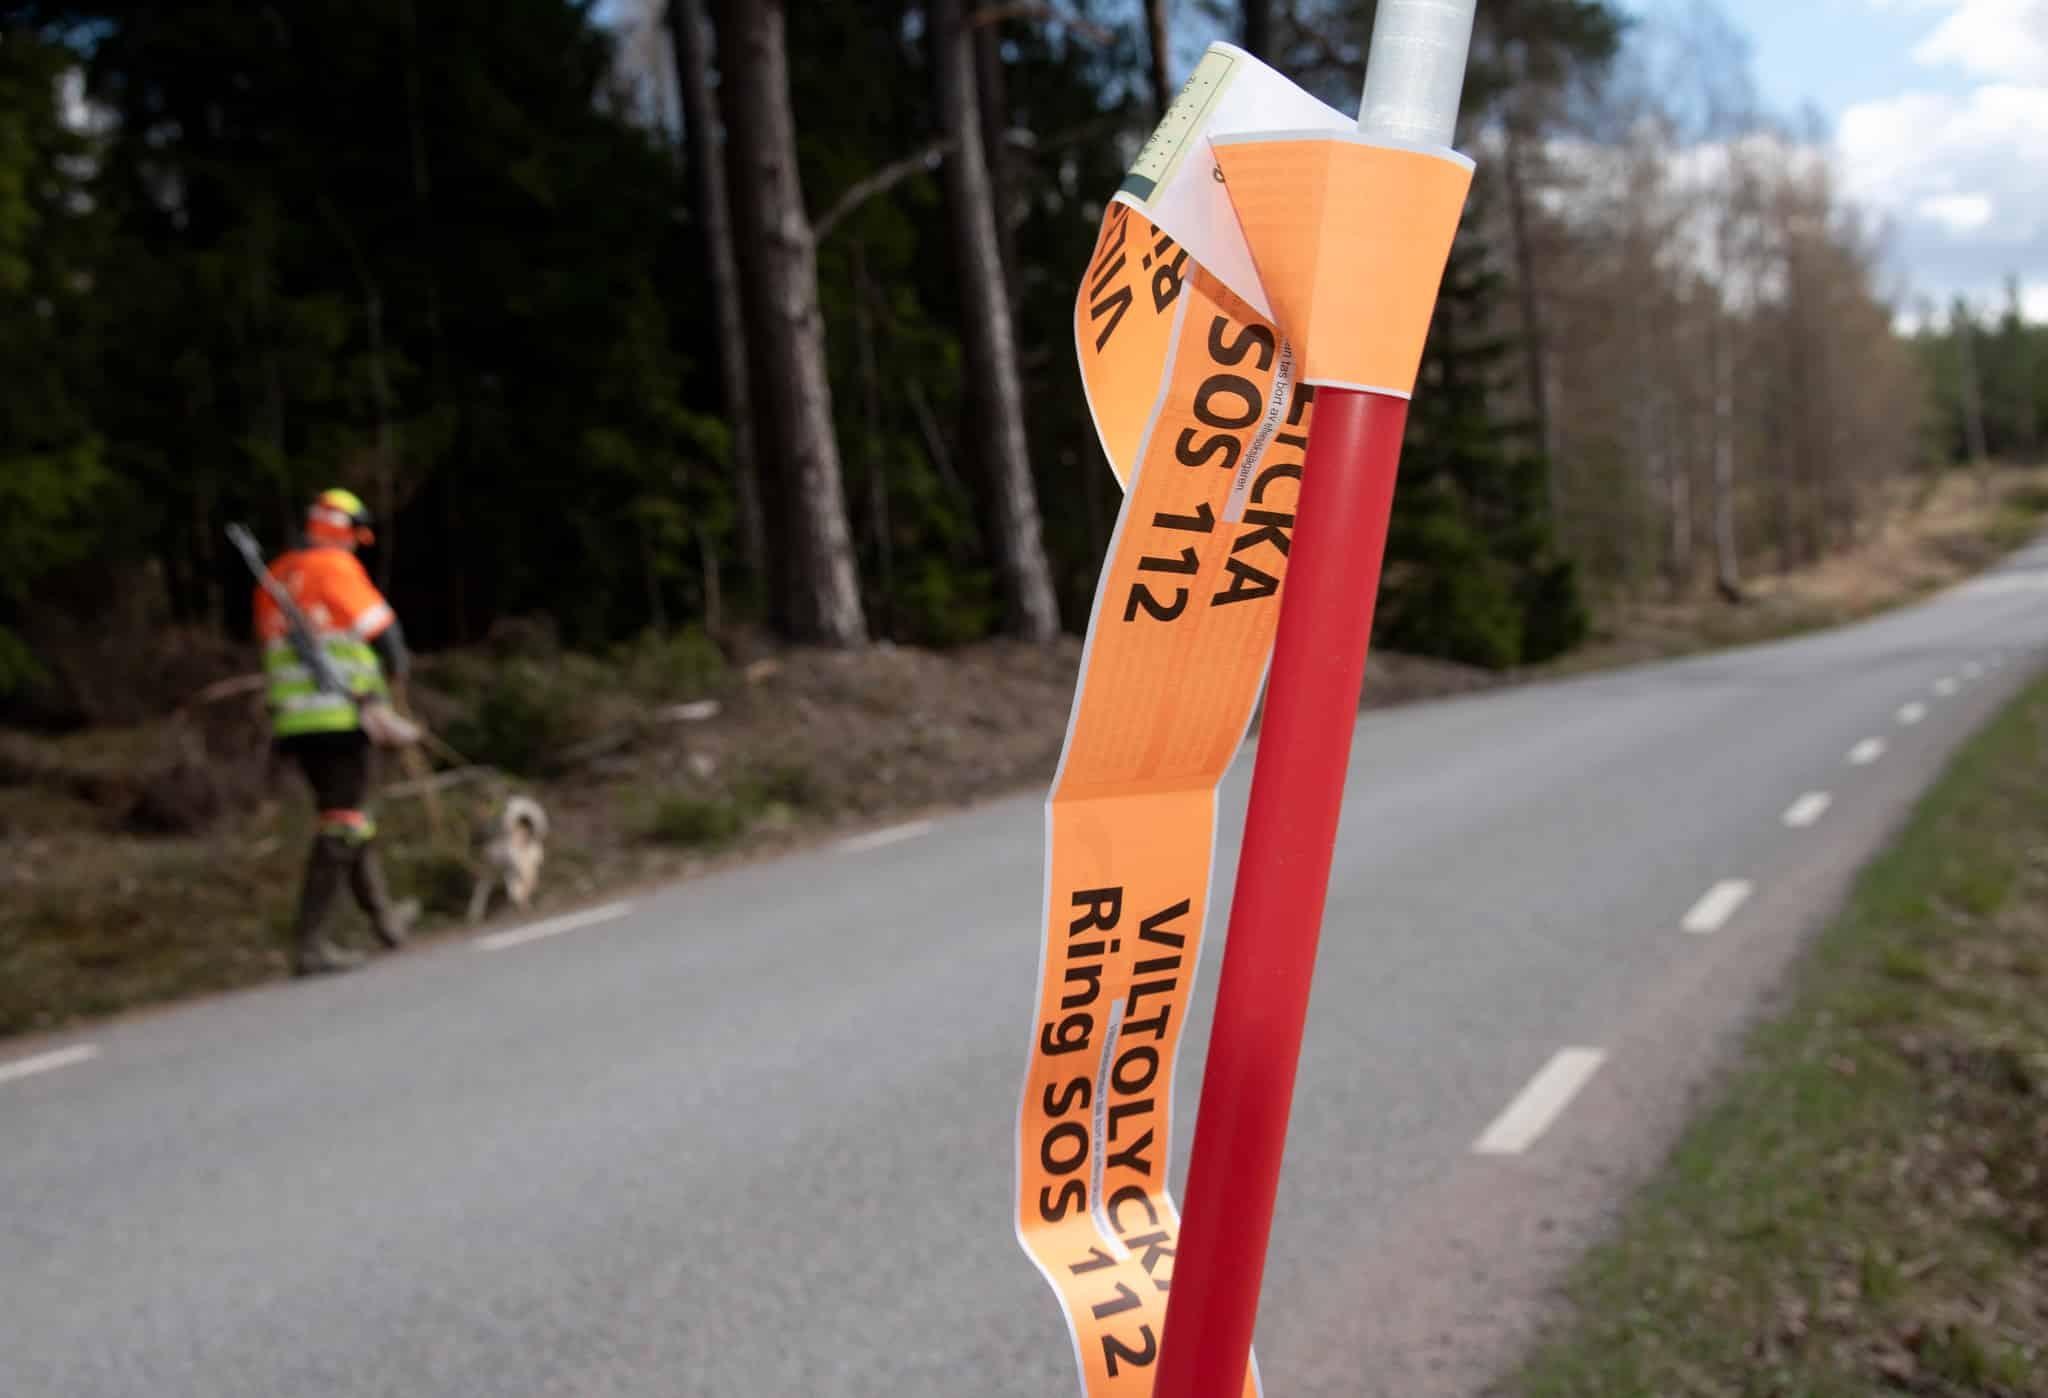 Ensamarbete vid eftersök ska undvikas. Av säkerhetsskäl bör man vara två, lyder kravet i en av flera motioner om viltolyckor och eftersök.